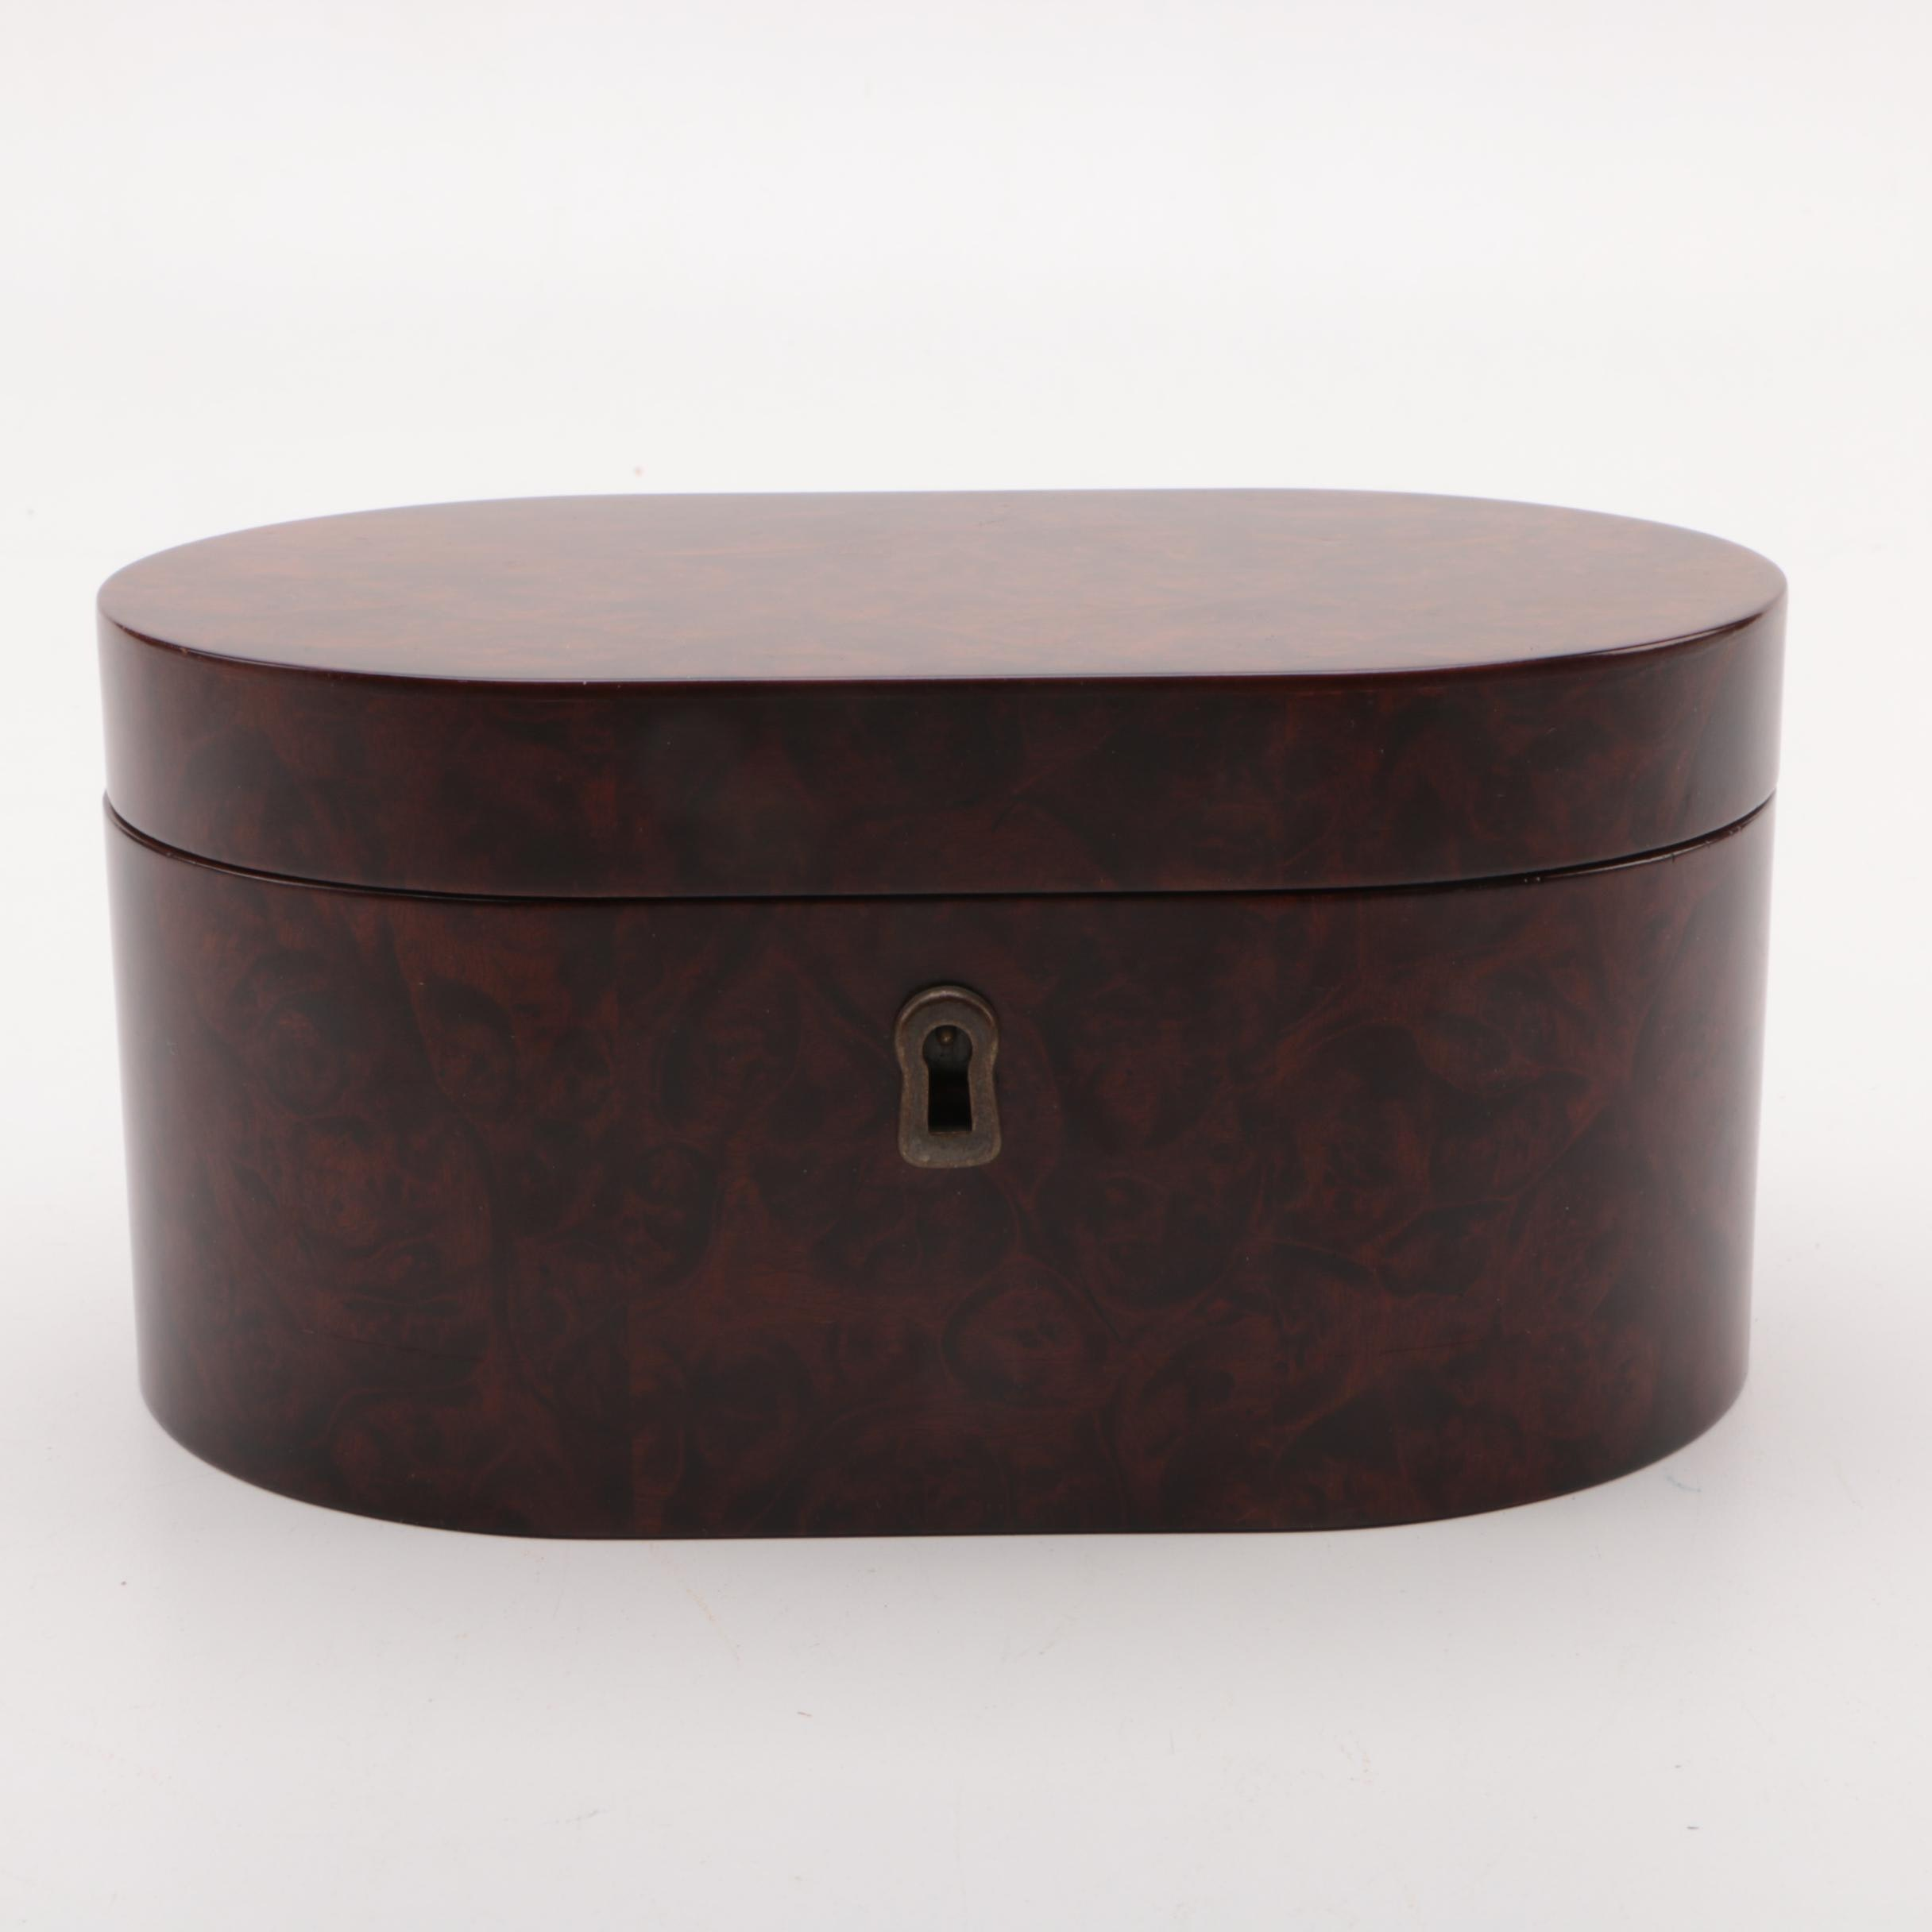 Bombay Company Decorative Box